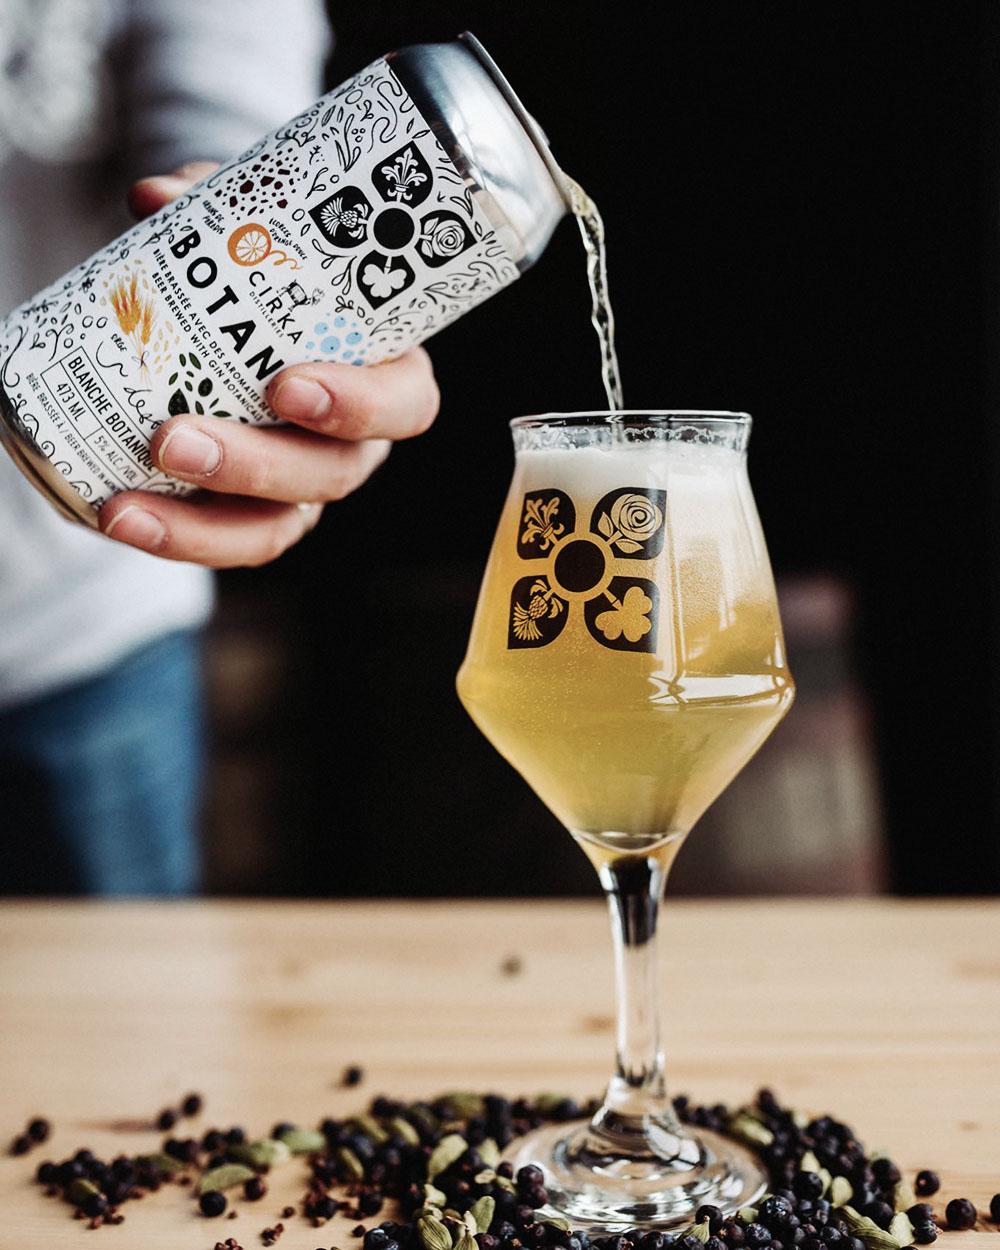 4 Origins Brewery Botanik